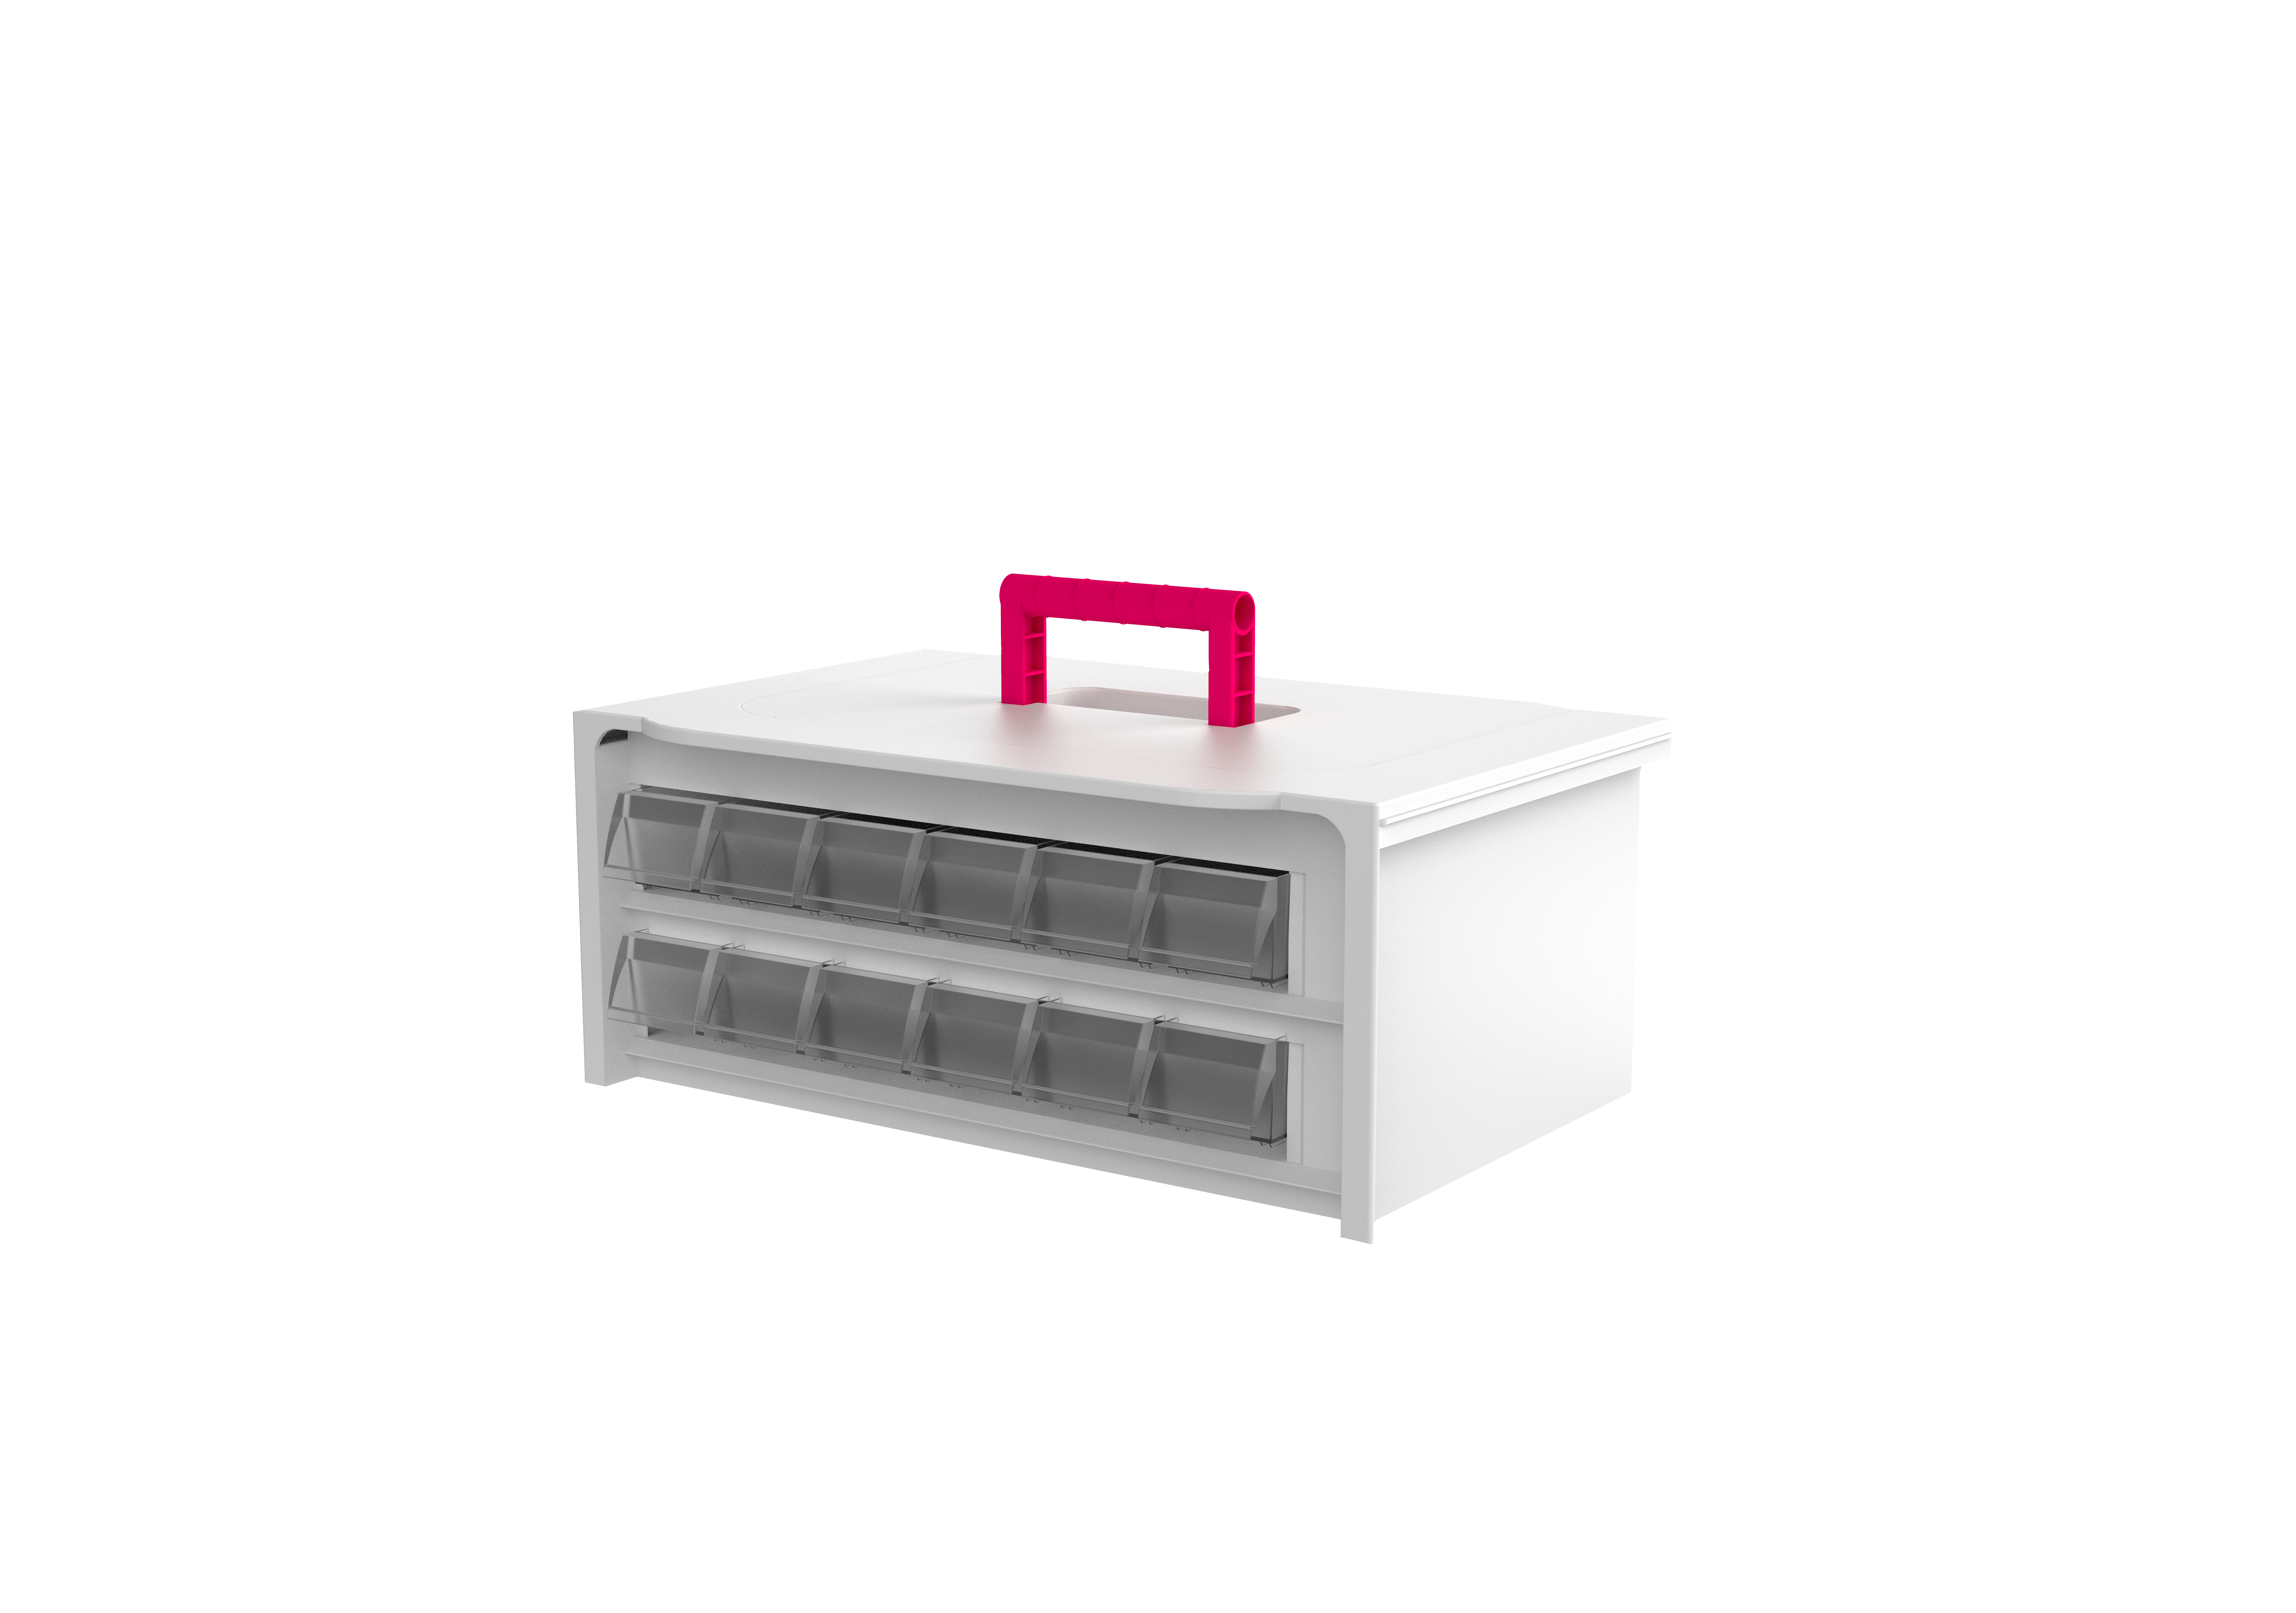 Cassette de 2 filas con 12 cubetas pequeñas (6 por nivel)